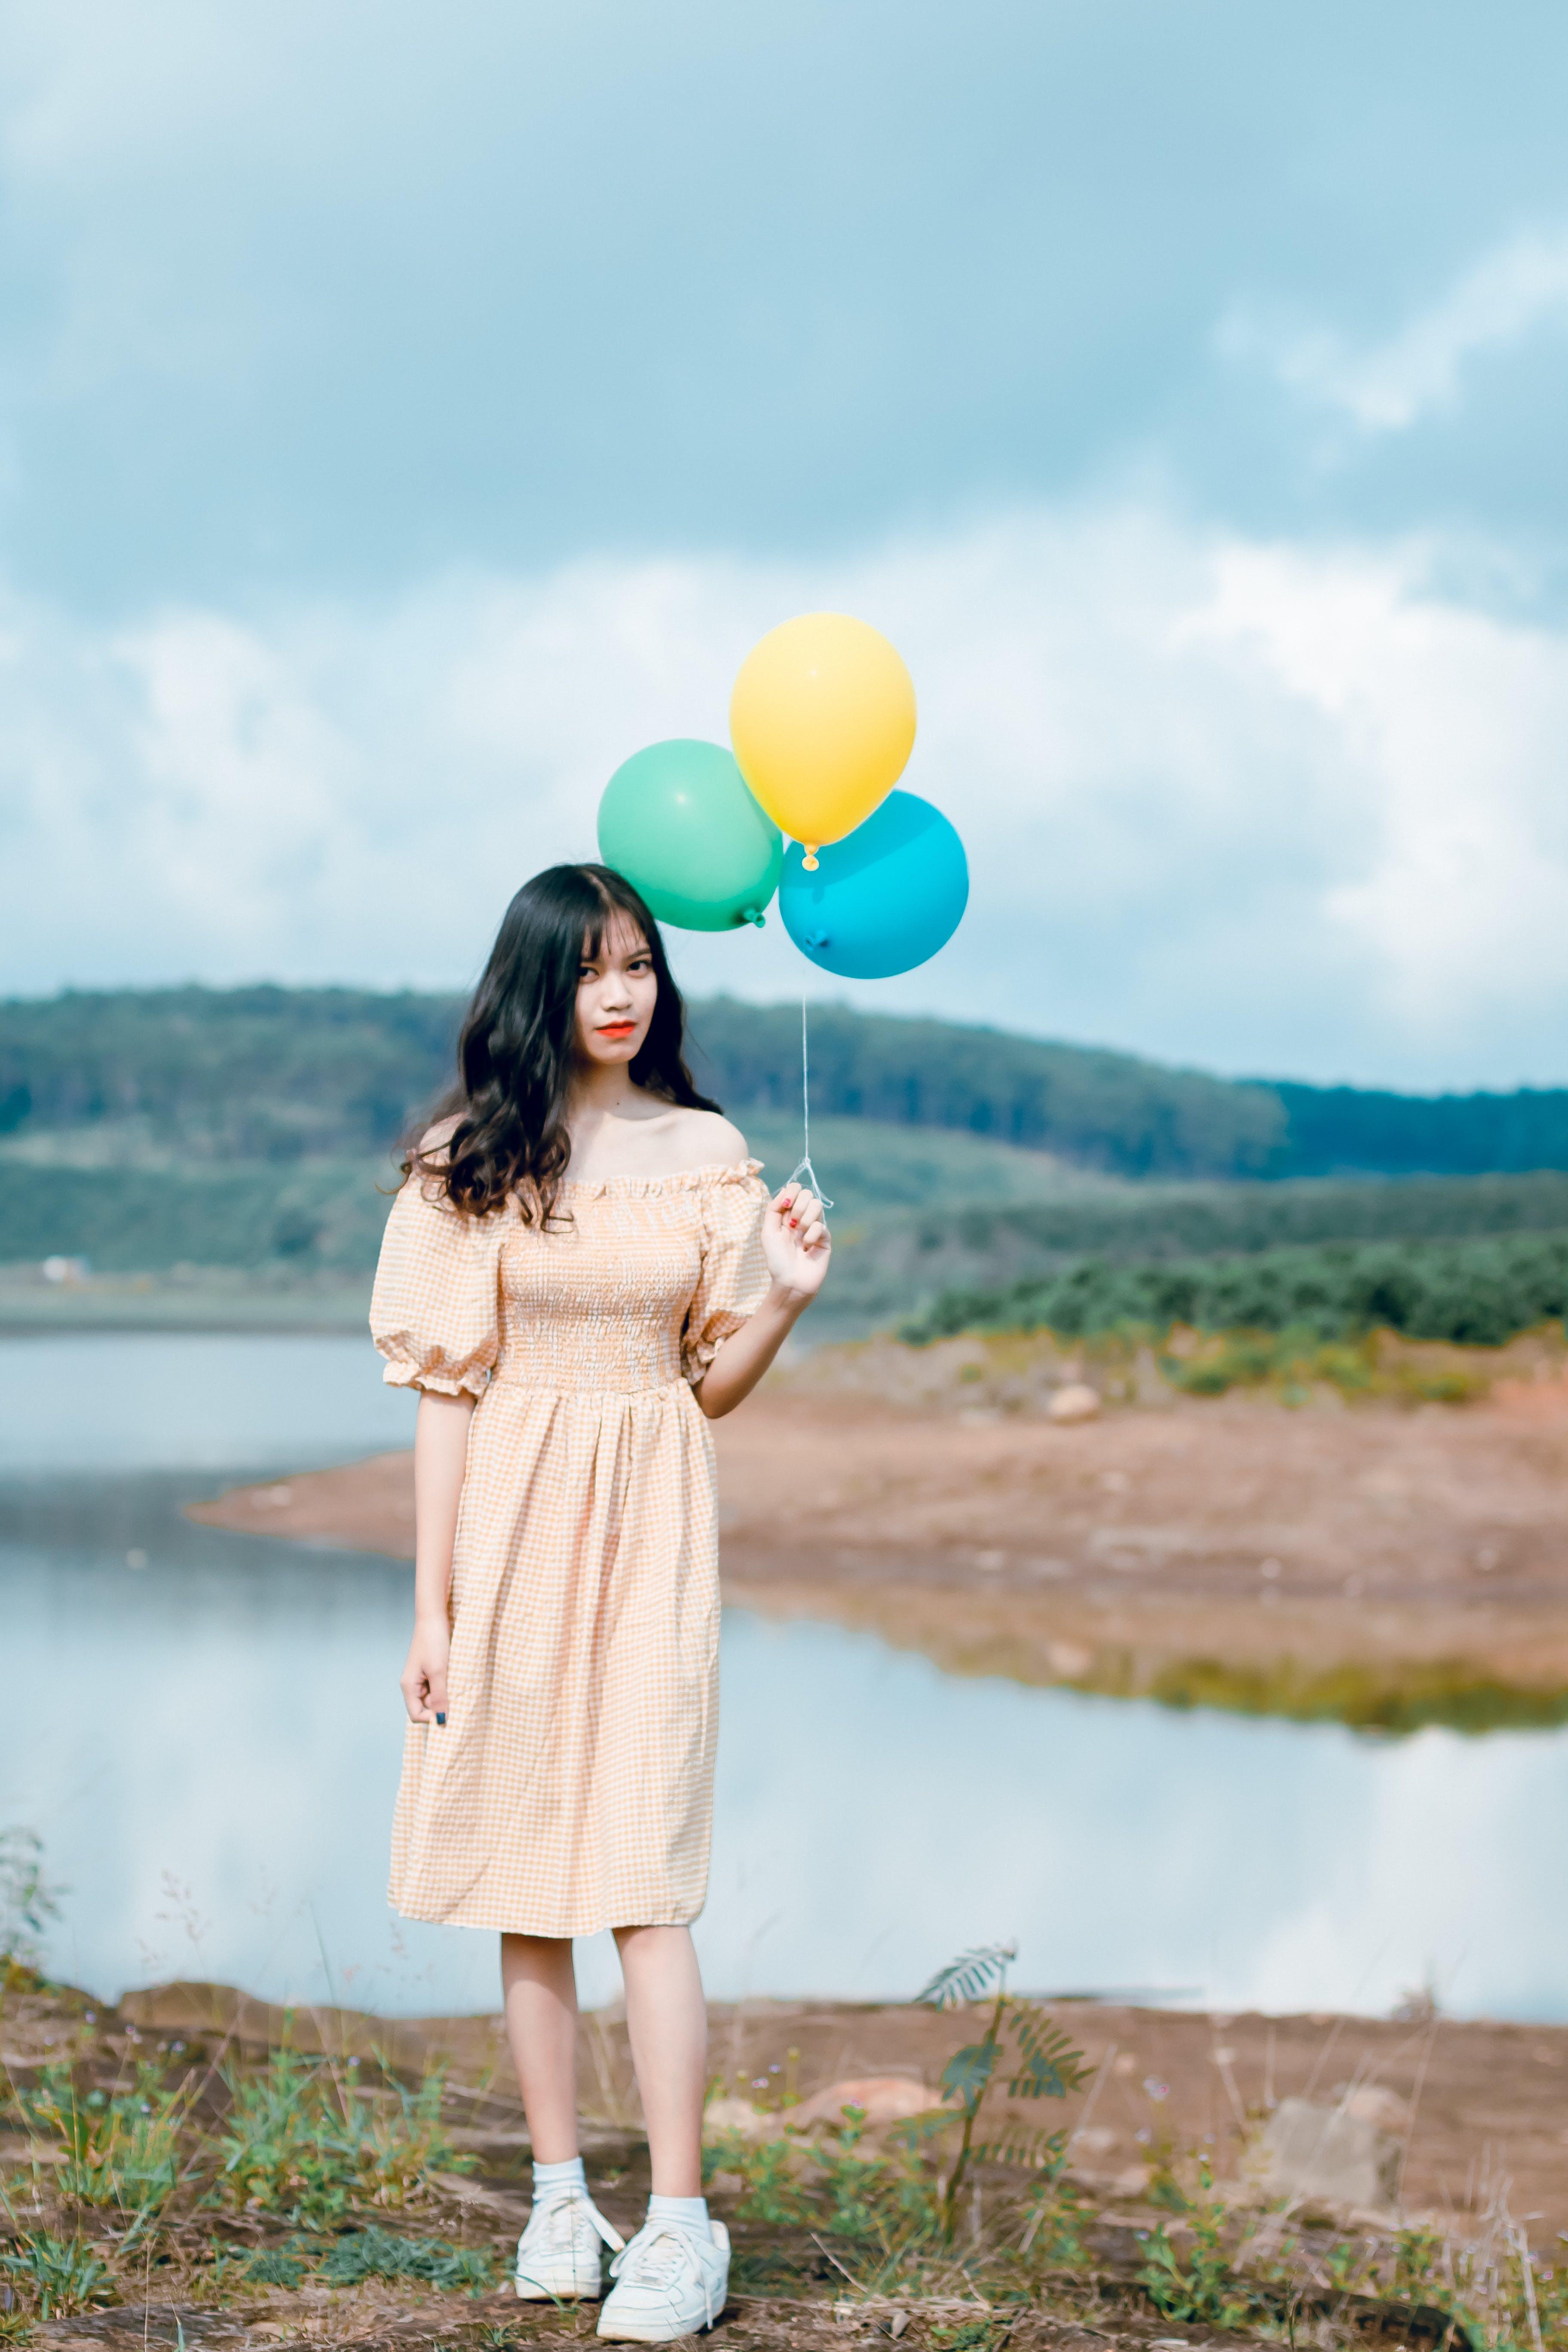 Asyalı kadın, asyalı kız, boş zaman, eğlence içeren Ücretsiz stok fotoğraf